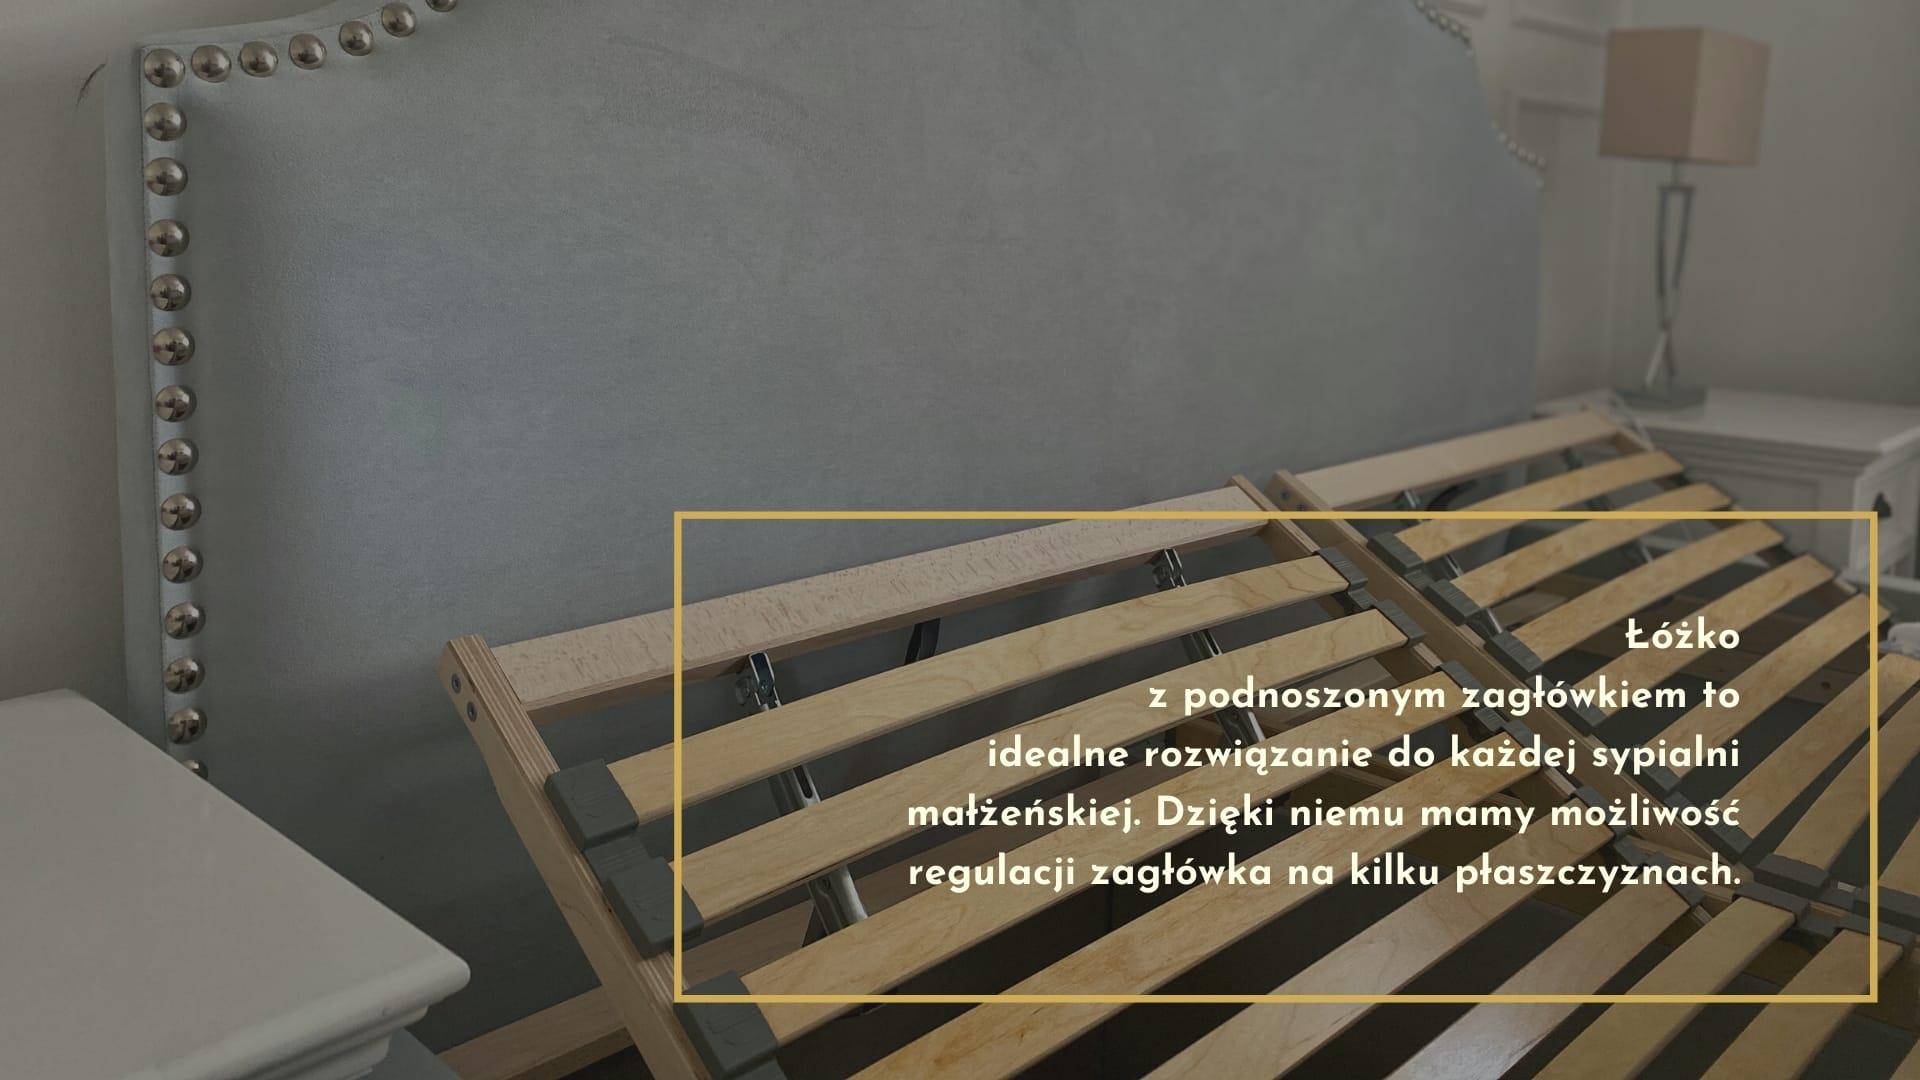 Łóżko z podnoszonym zagłówkiem